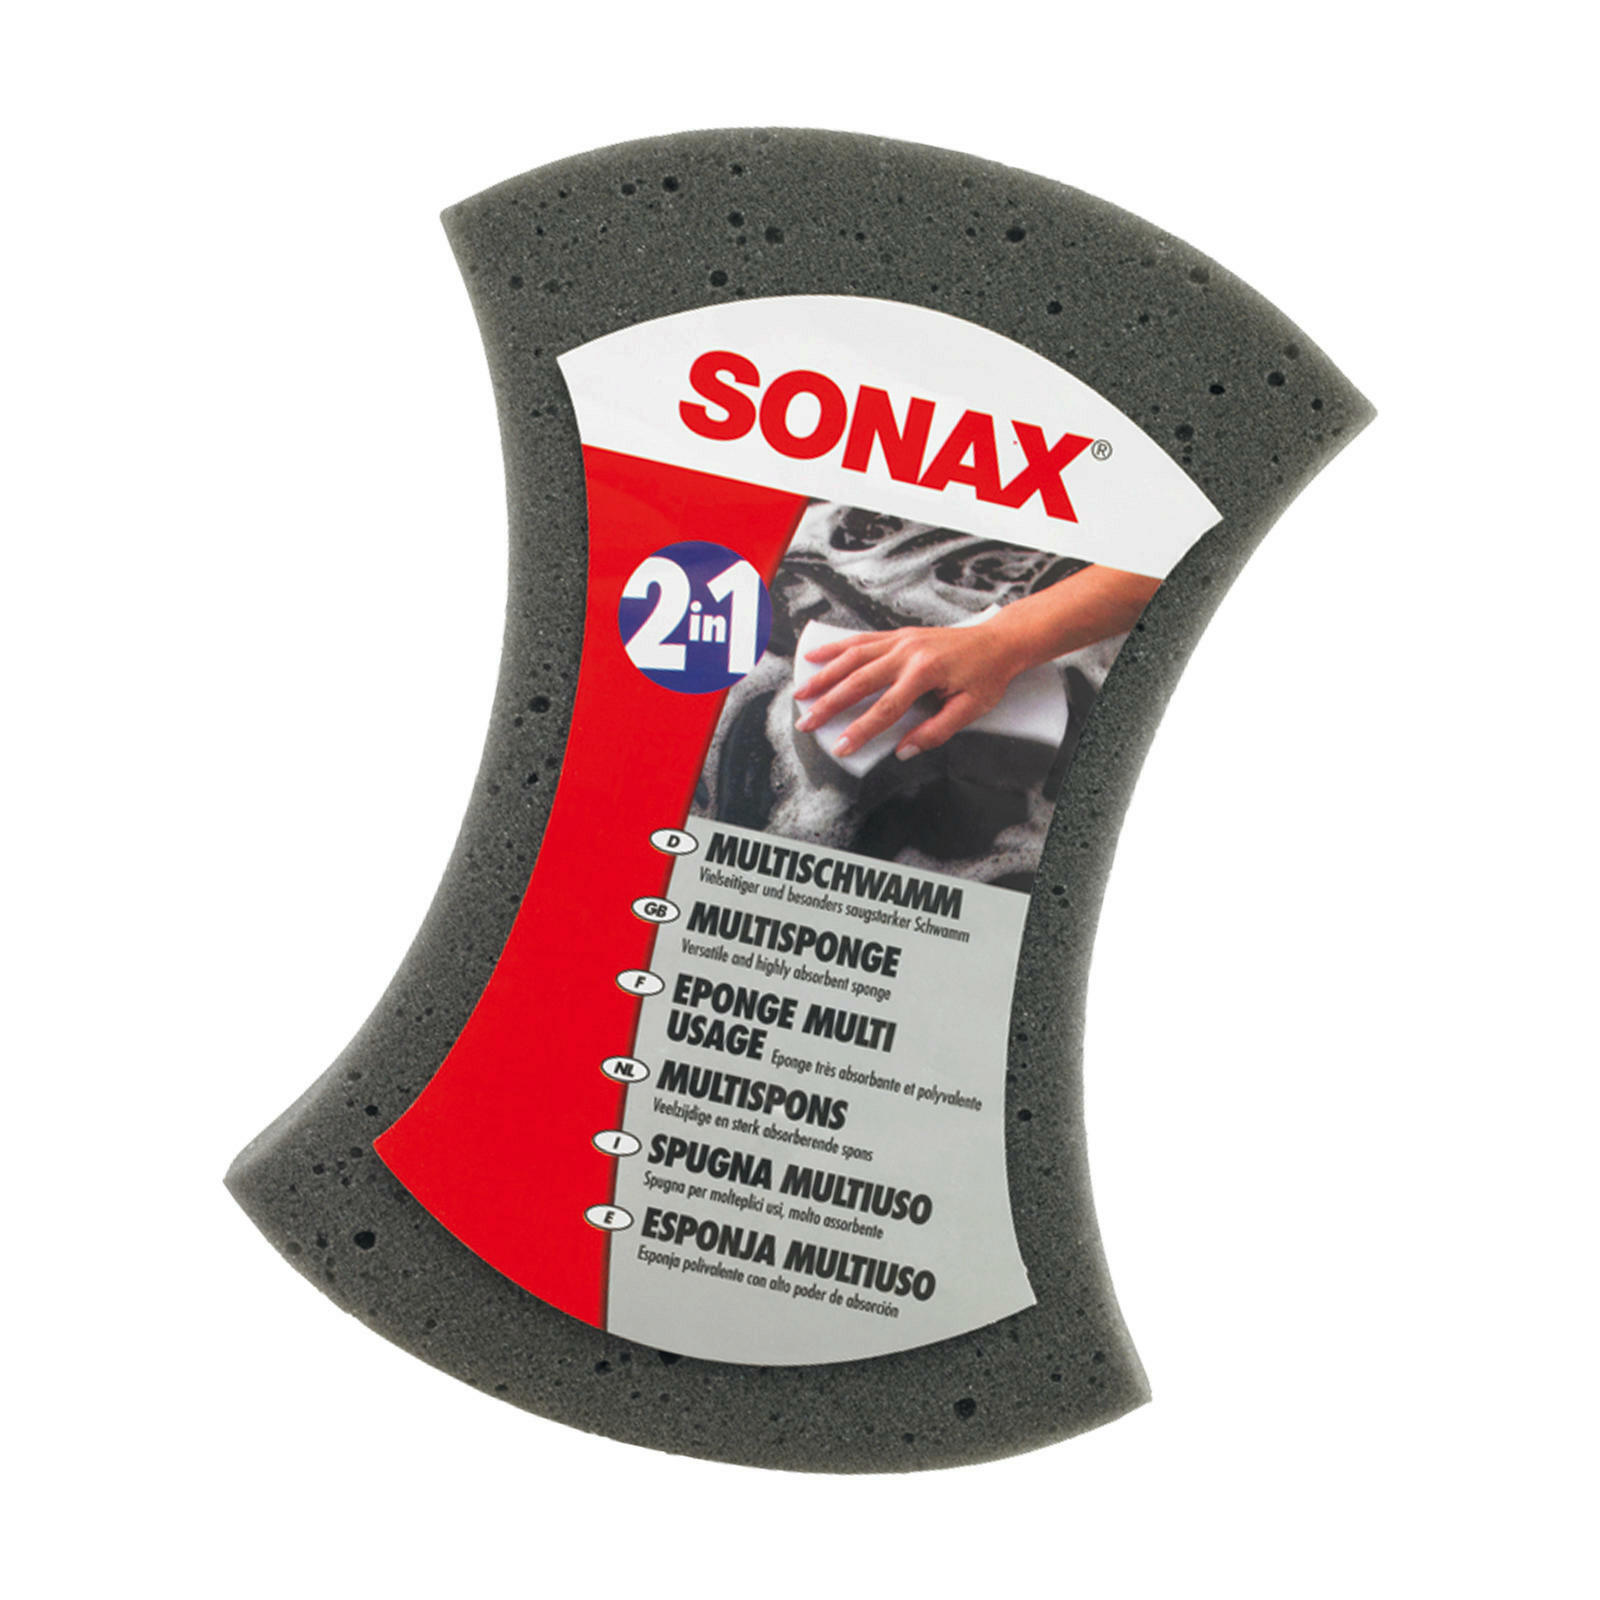 SONAX MultiSchwamm